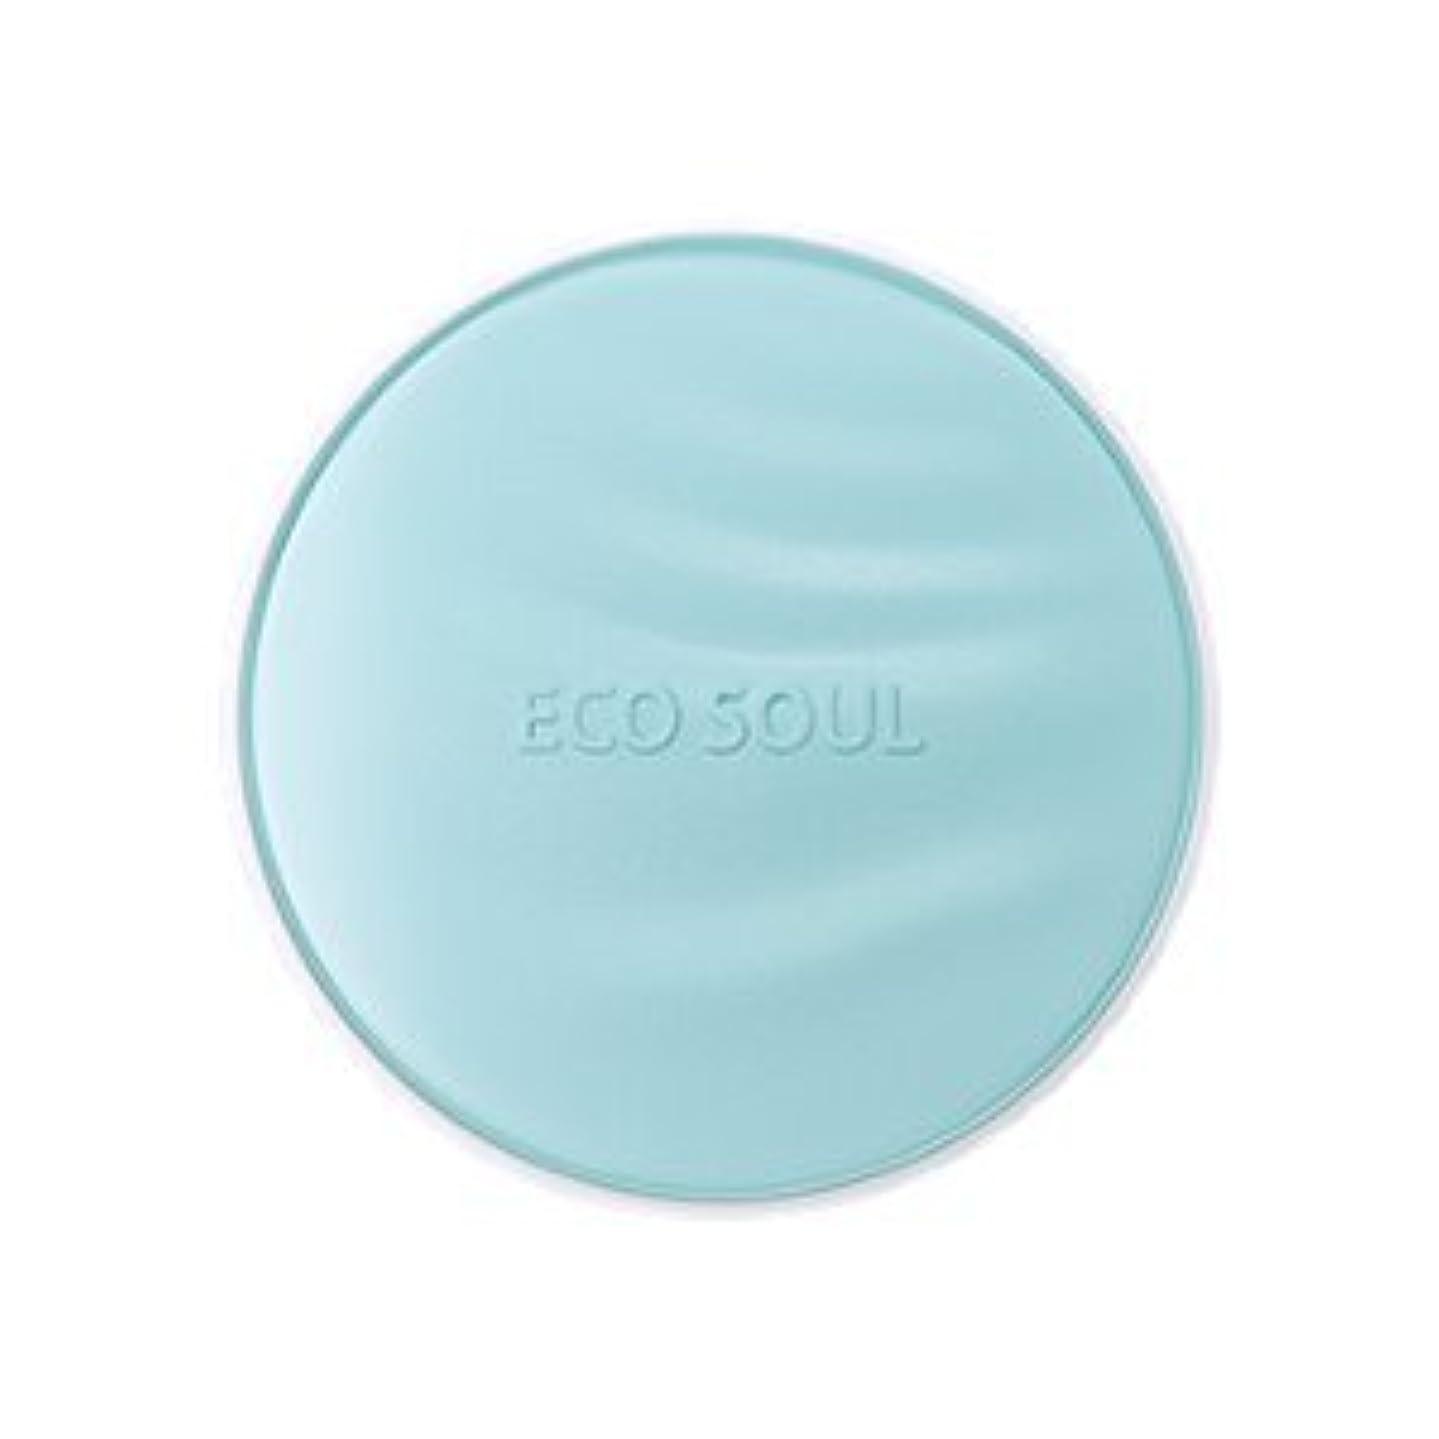 前奏曲暴力サリー[New] the SAEM Eco Soul Essence Cushion * Matt Longwear * 15g/ザセム エコ ソウル エッセンス クッション * マット ロングウェア * 15g (#23)...